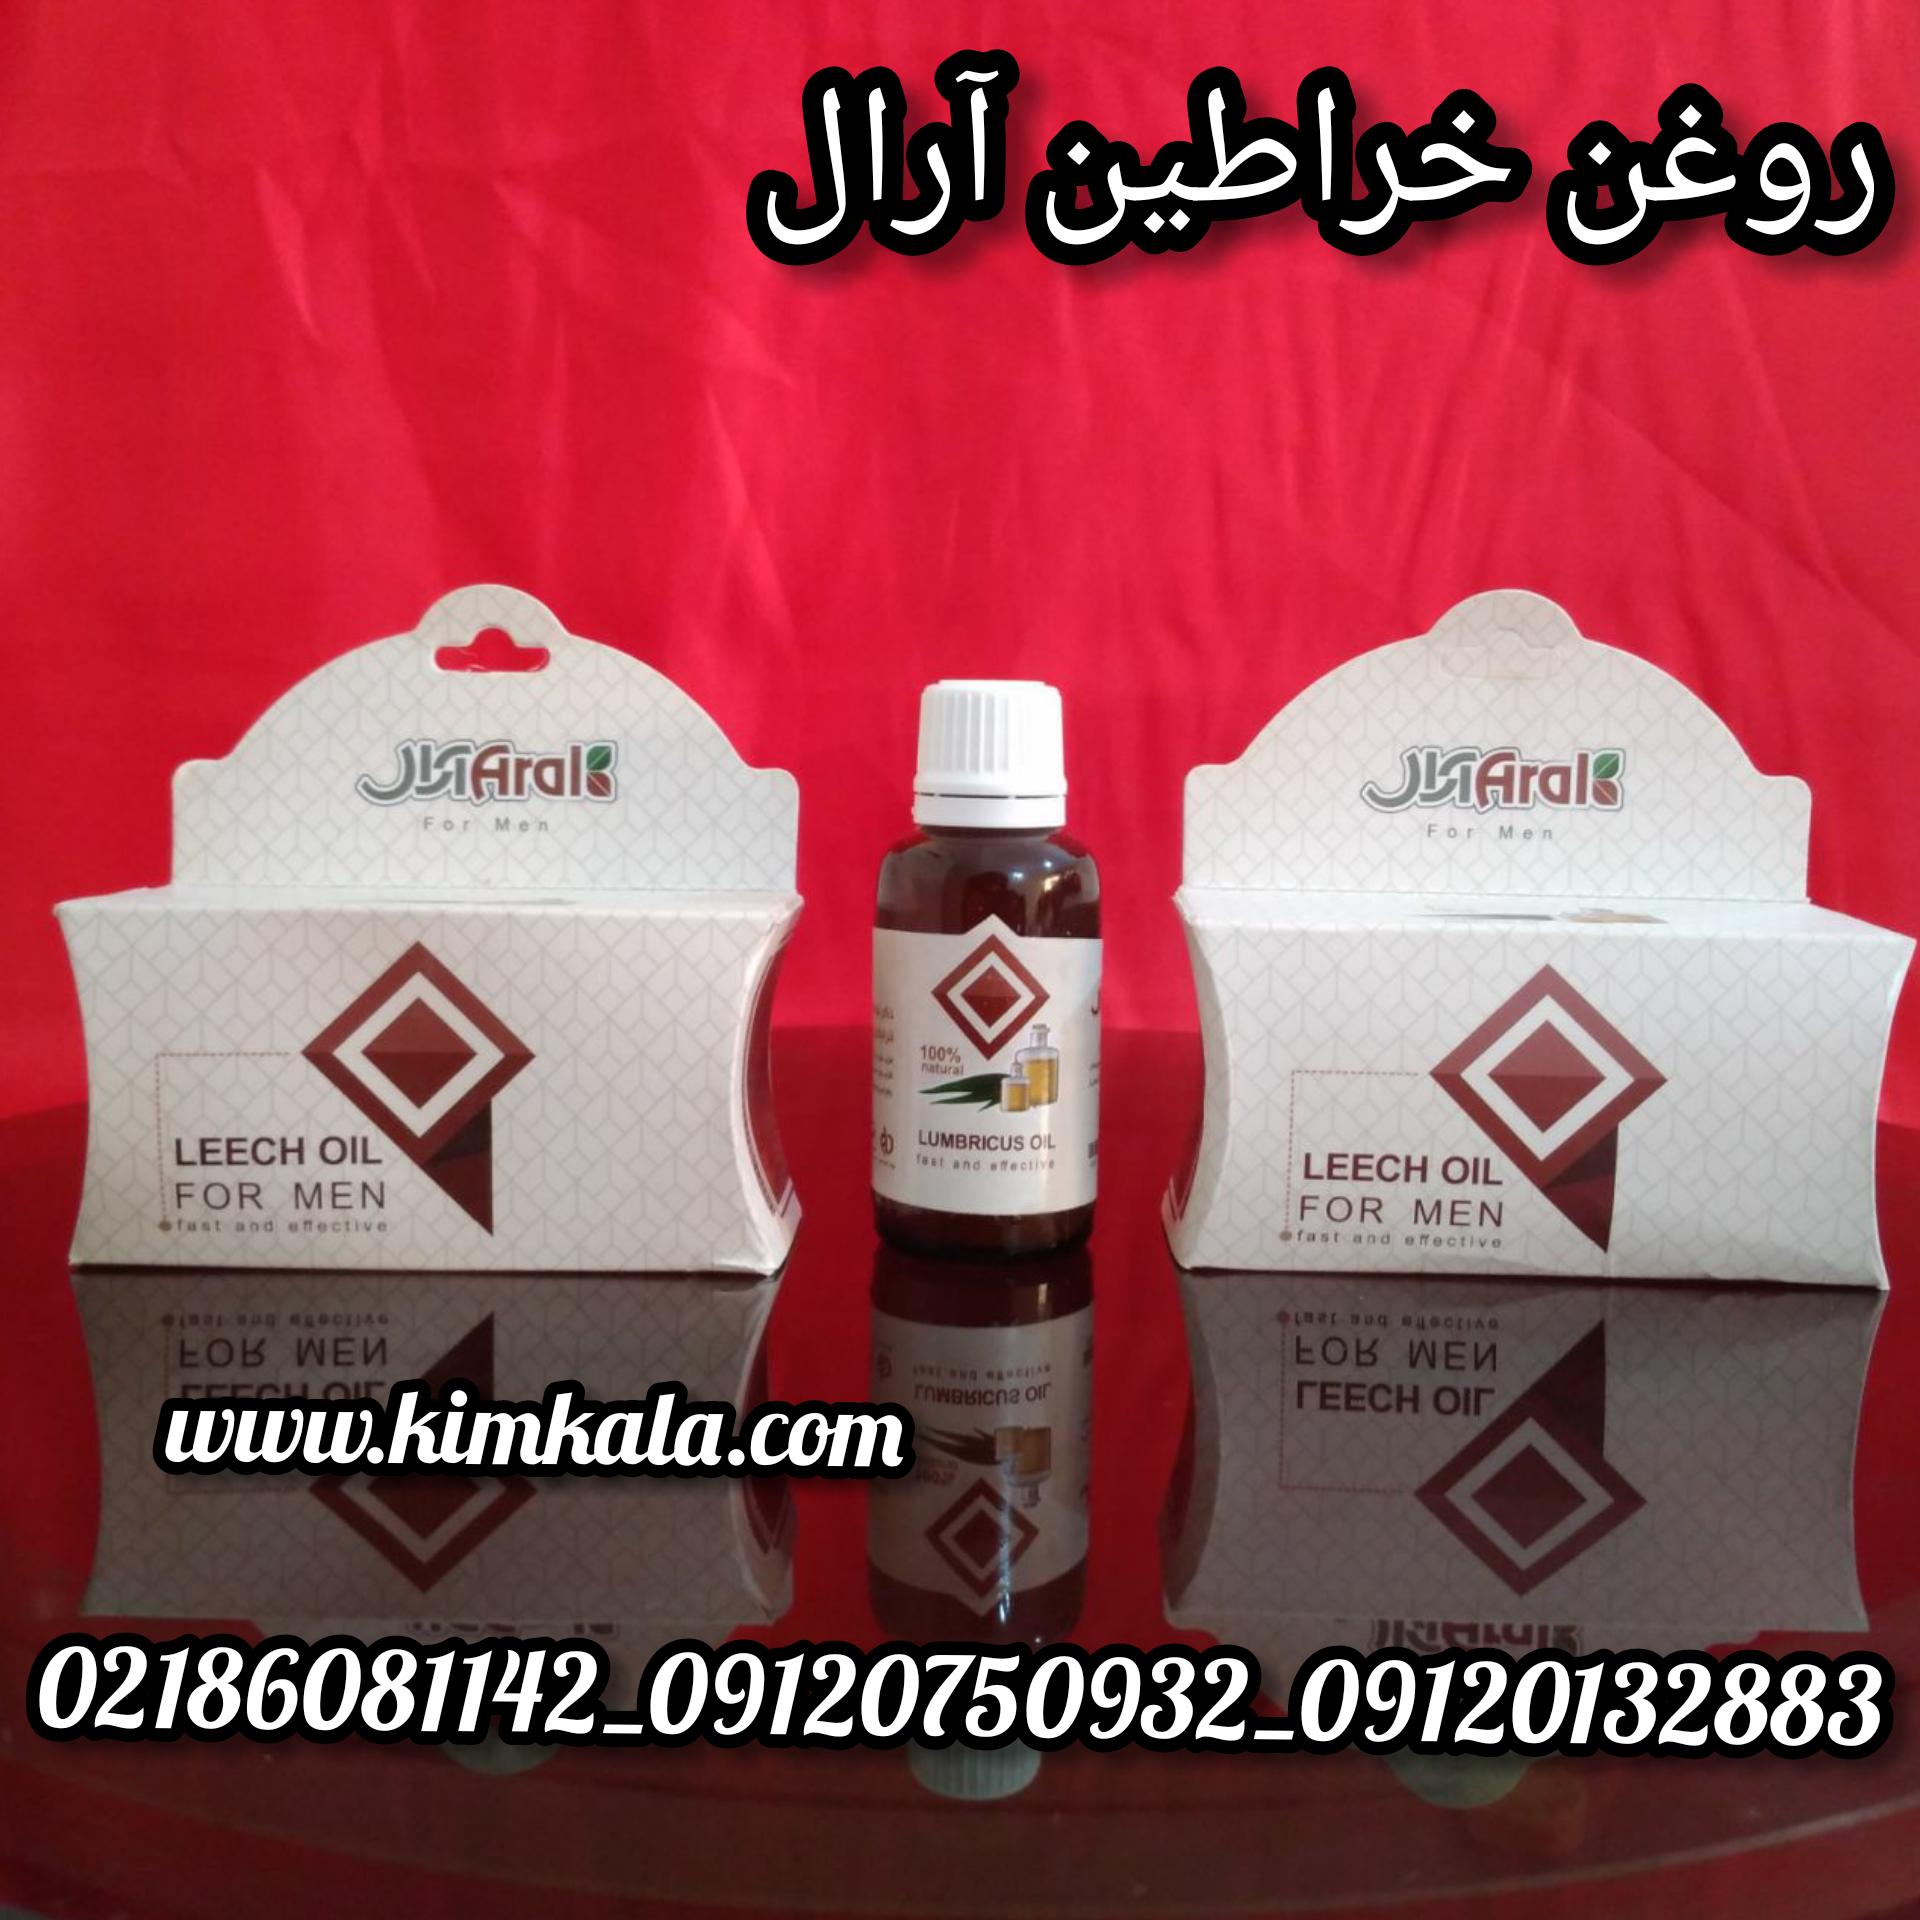 روعن خراطین آرال۰۹۱۲۰۱۳۲۸۸۳/قیمت روغن خراطین